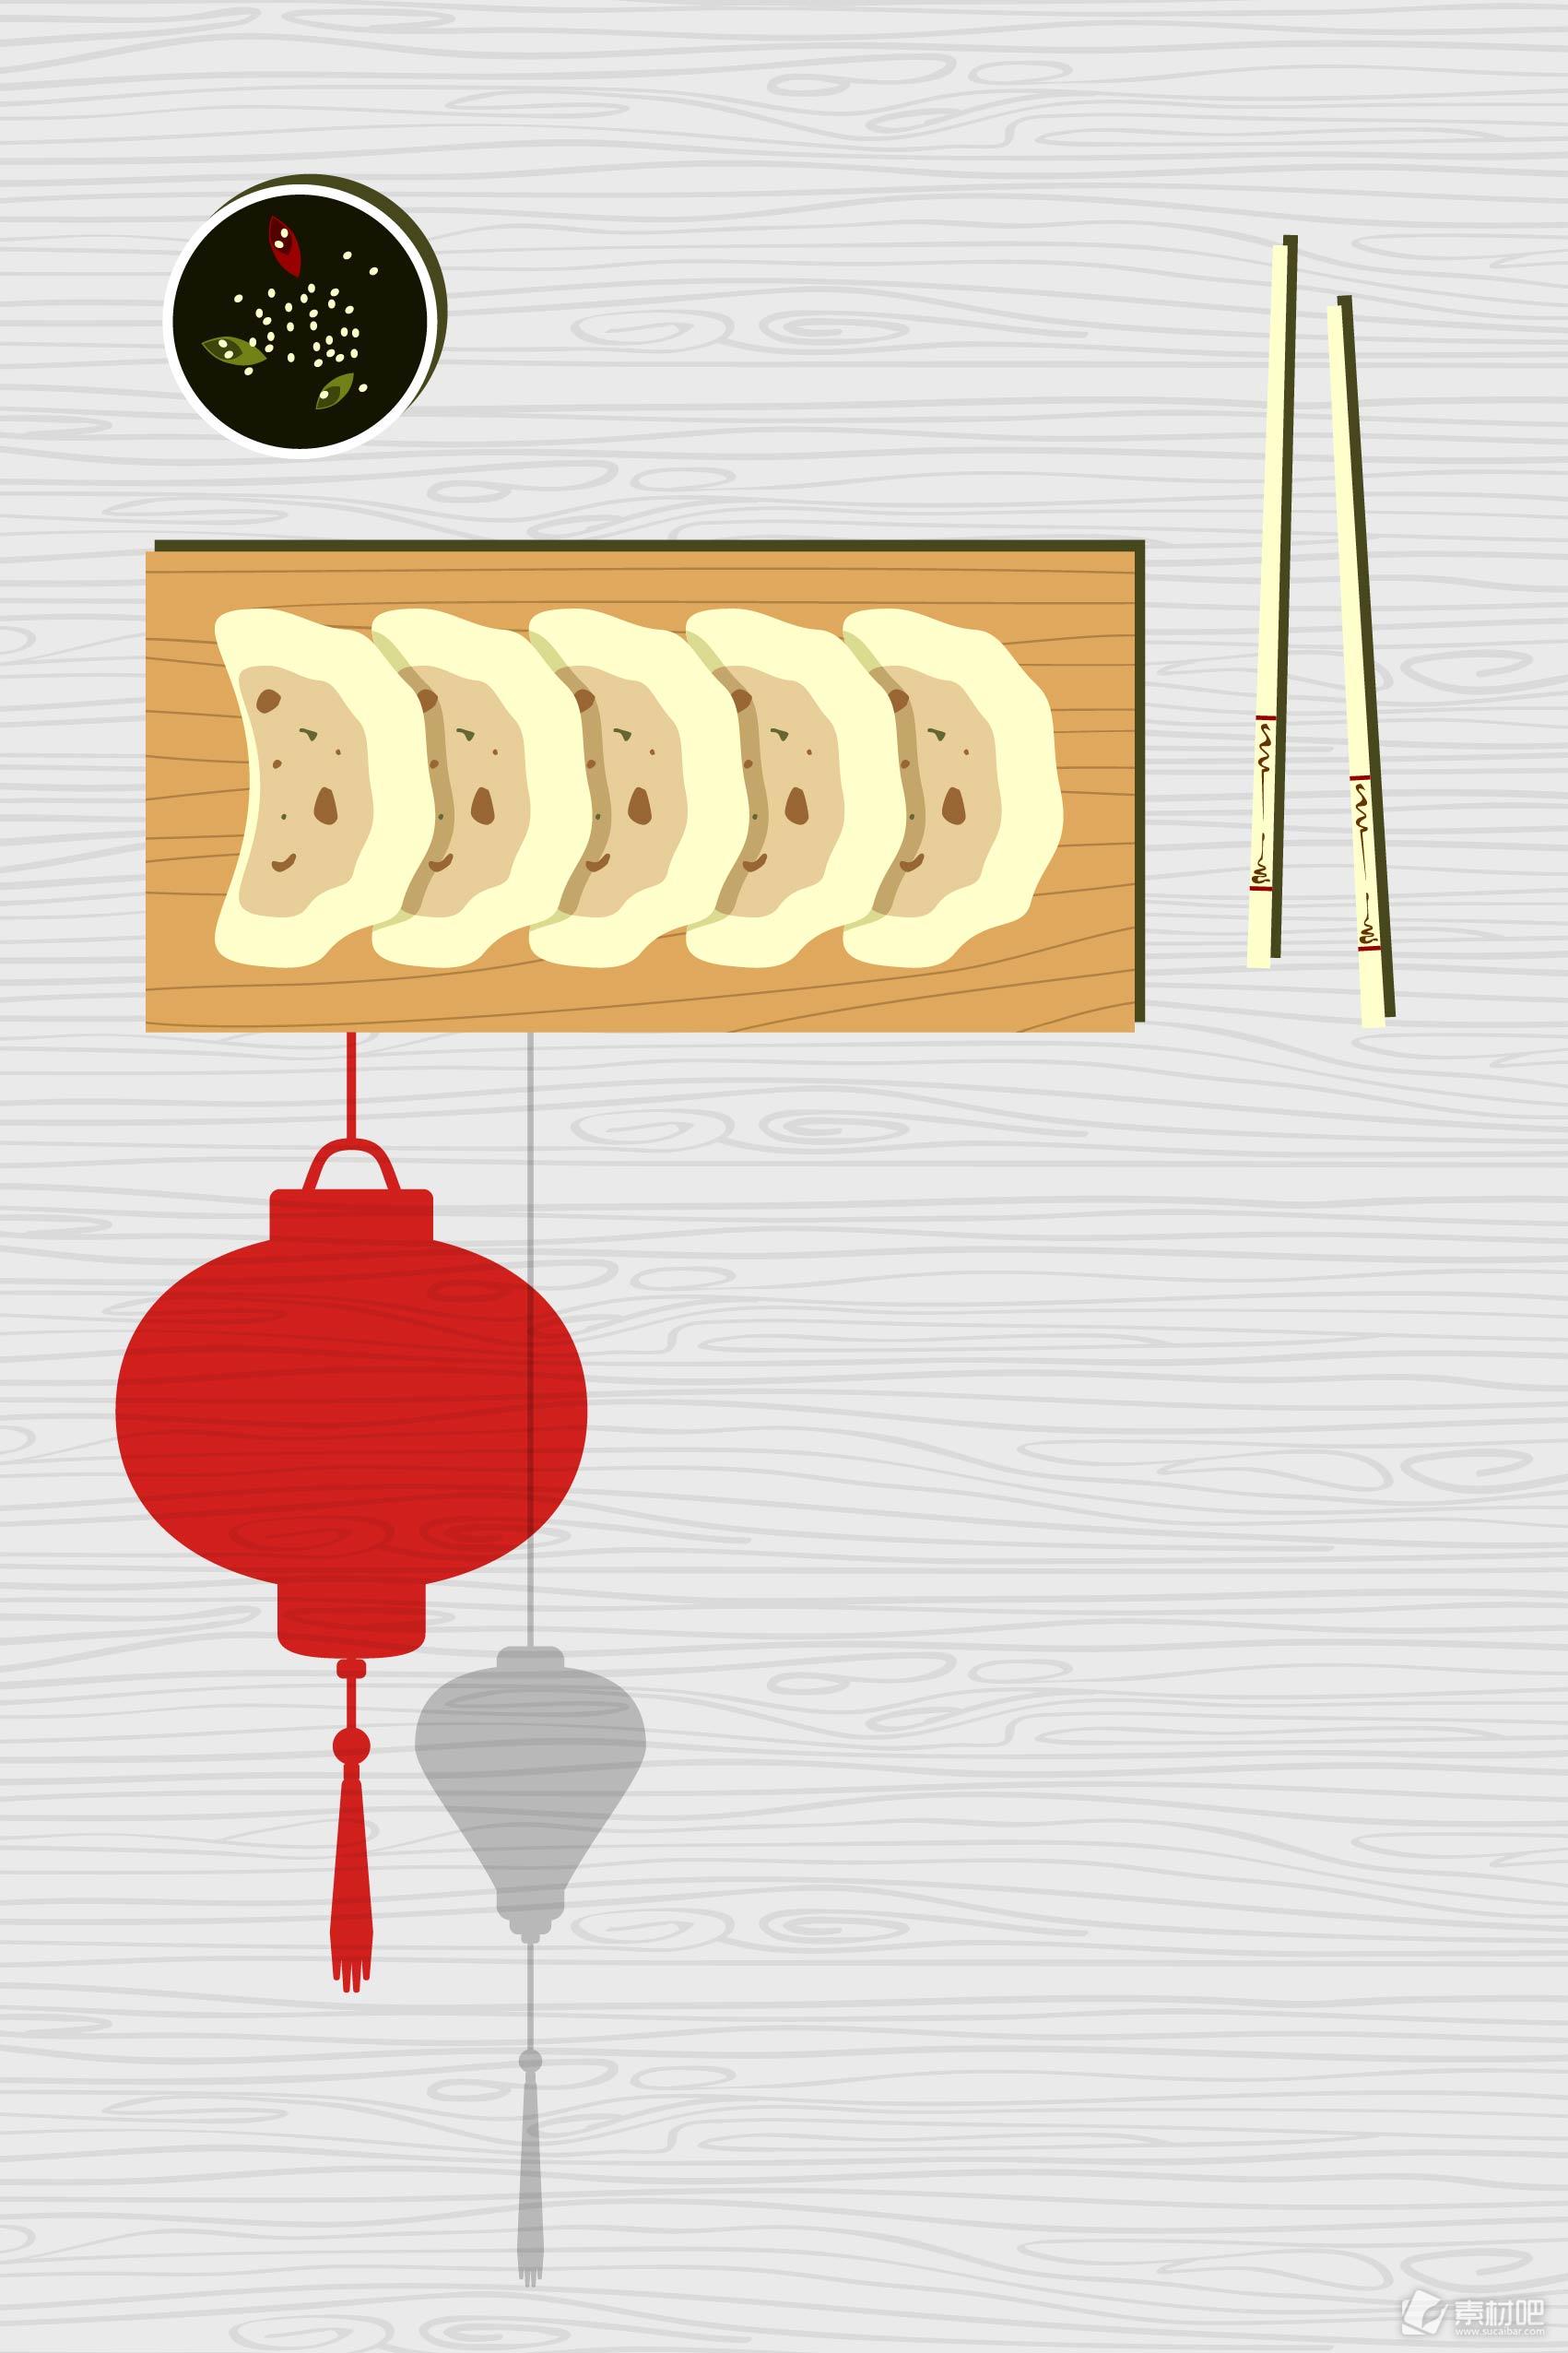 中华美食饺子海报背景